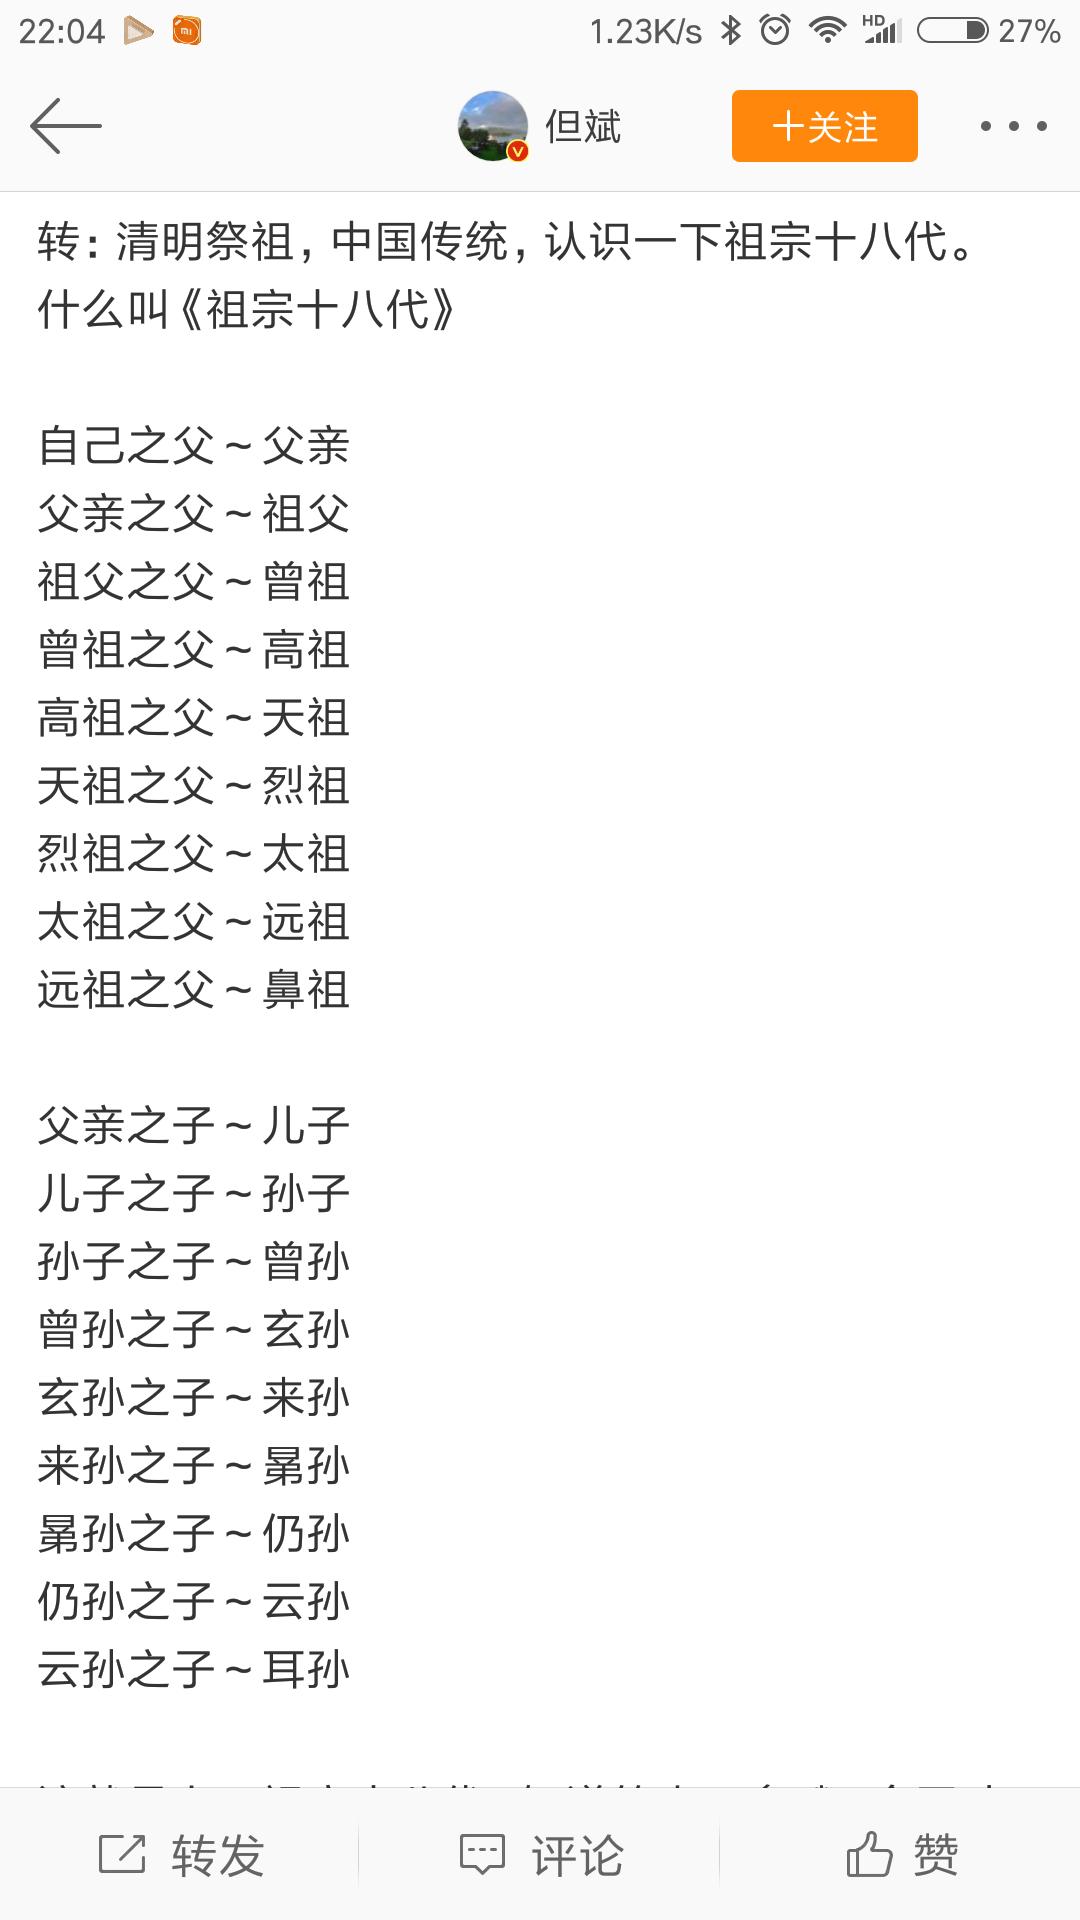 Screenshot_2019-04-05-22-04-56-445_com.sina_.weibo_.png